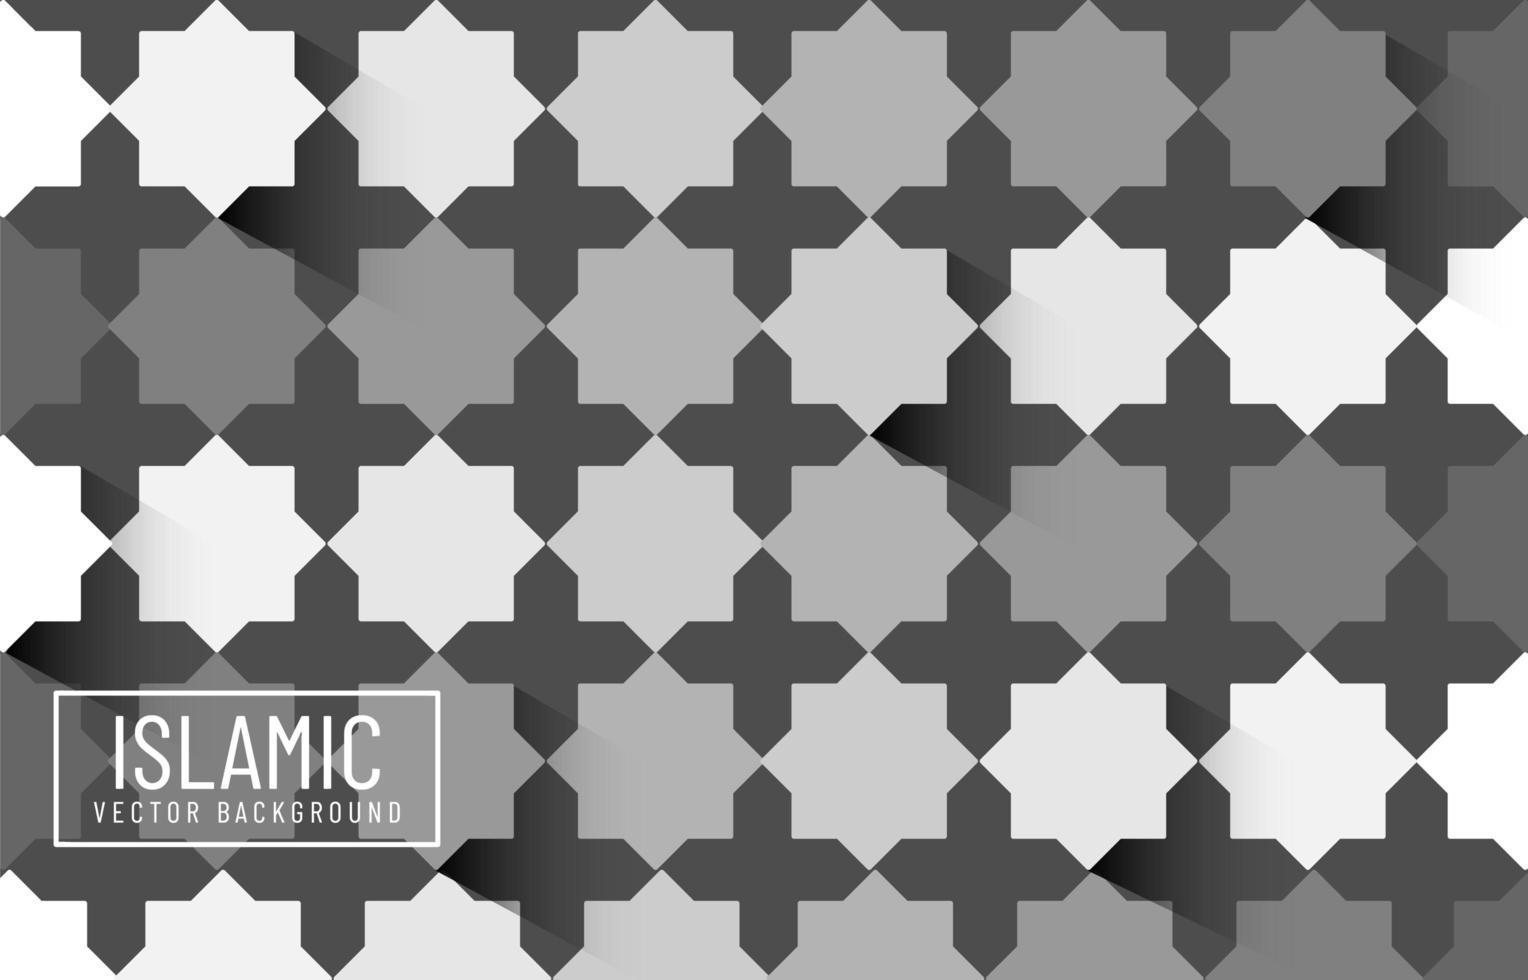 islamisches skandinavisches Hintergrunddesign vektor